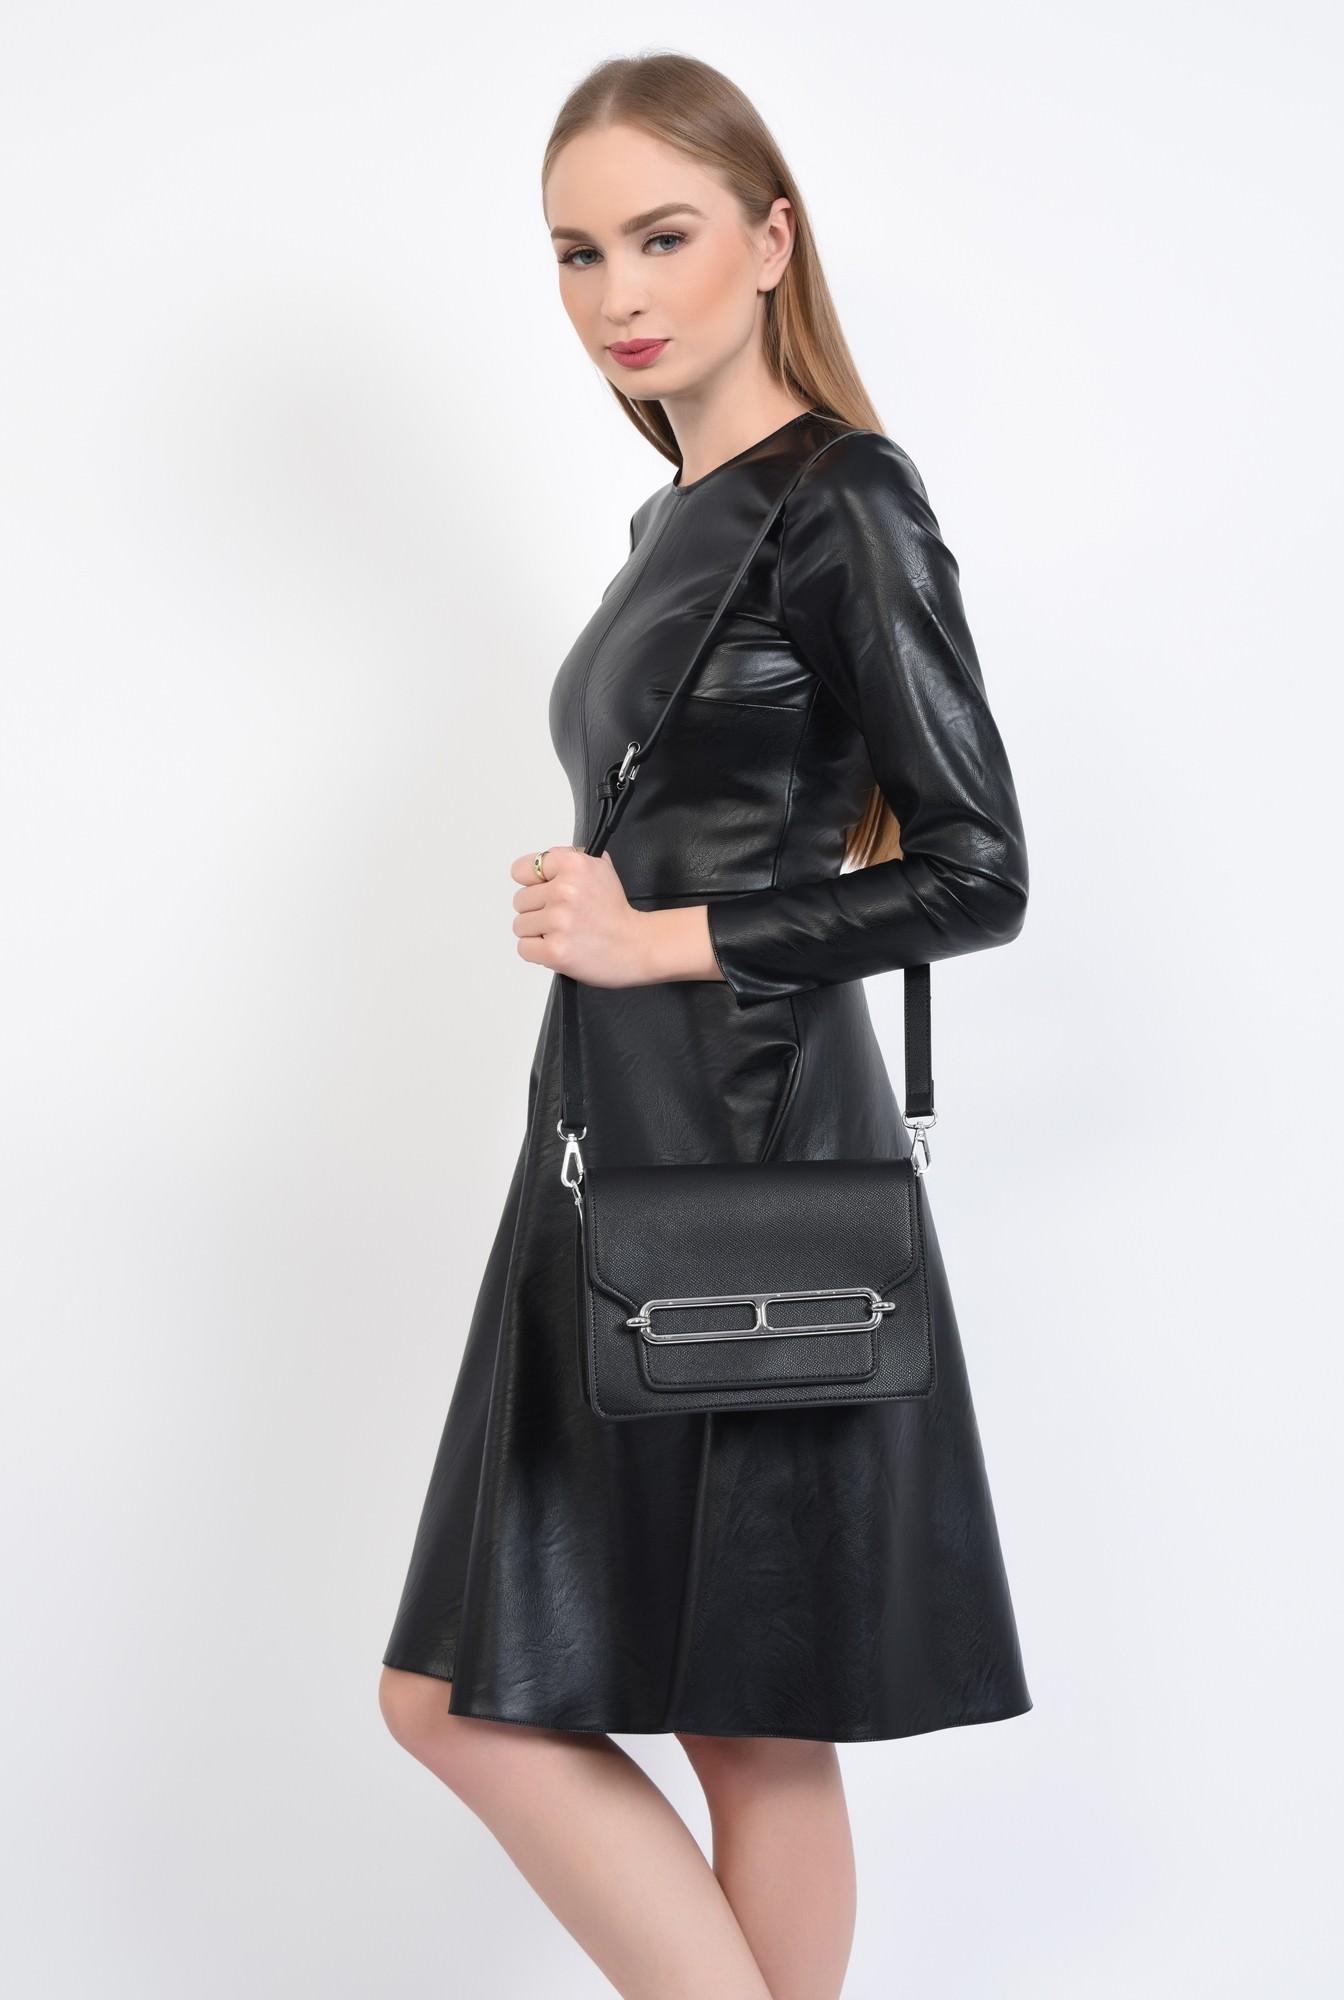 3 - geanta casual, negru, bareta detasabila